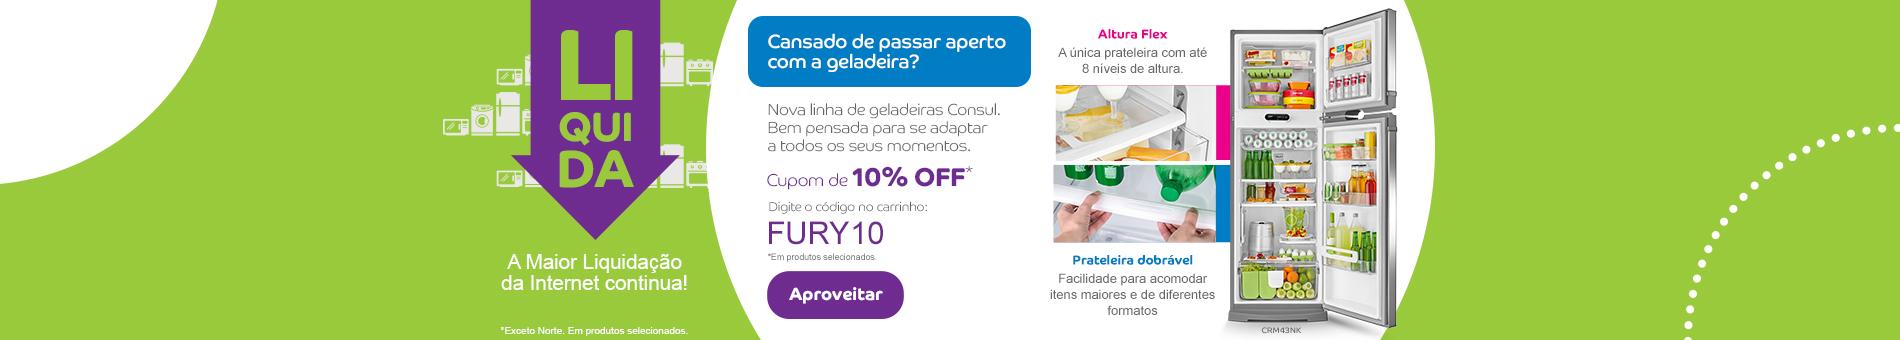 Promoção Interna - 736 - liquidaconsul_novasgeladeiras_home4_24082016 - novasgeladeiras - 4